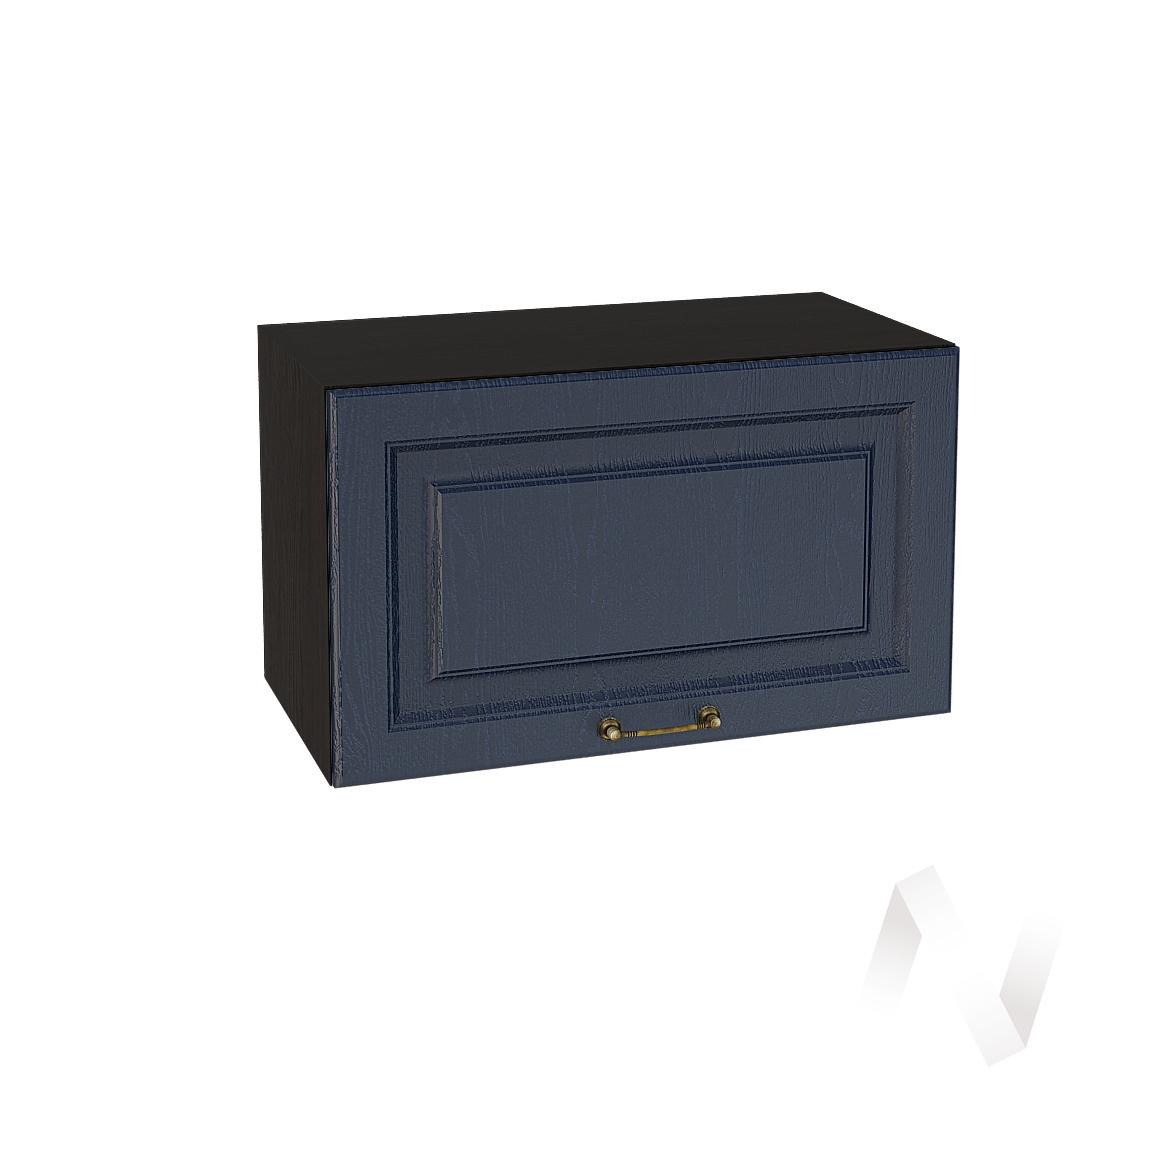 """Кухня """"Ницца"""": Шкаф верхний горизонтальный 600, ШВГ 600 (Дуб чернильный/корпус венге)"""